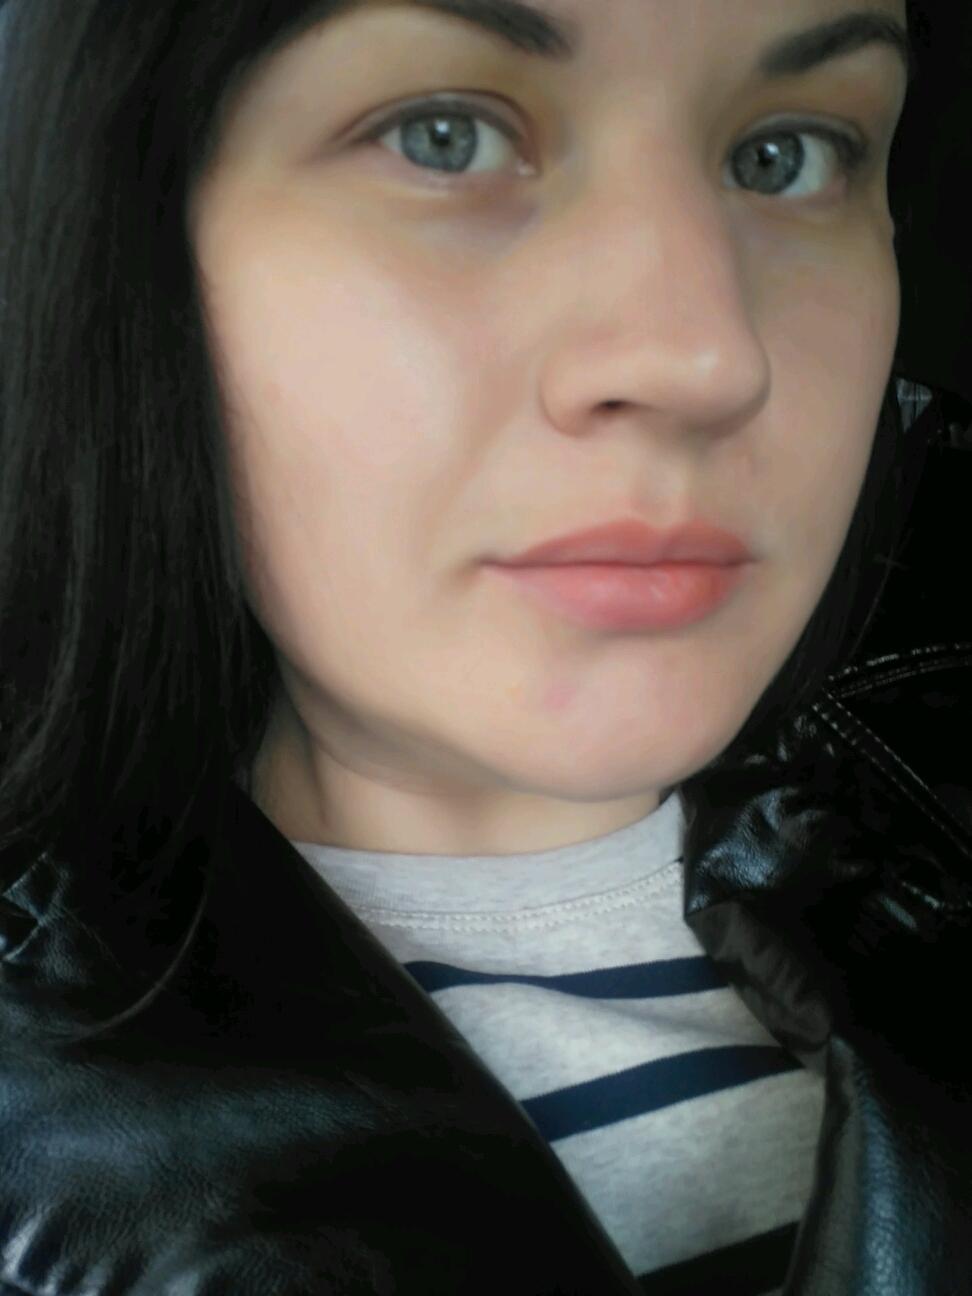 Минет с нарашеными губами